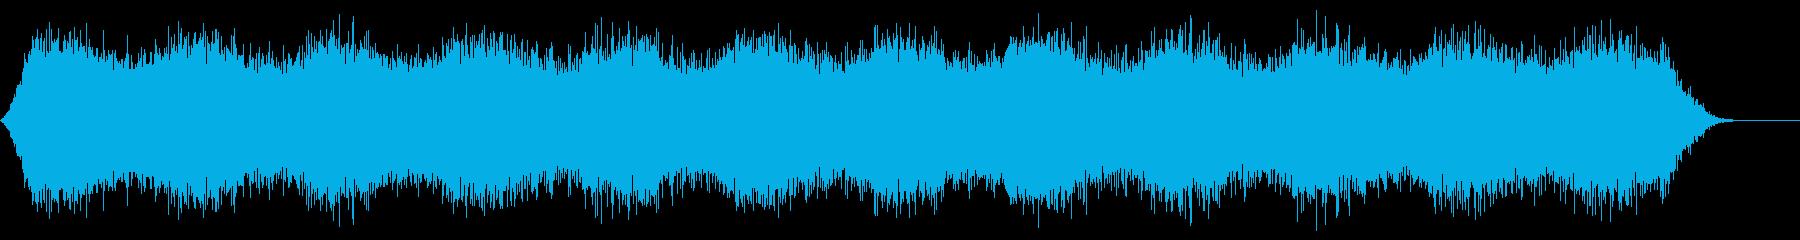 背景音 1 (雪山や洞窟などに)の再生済みの波形